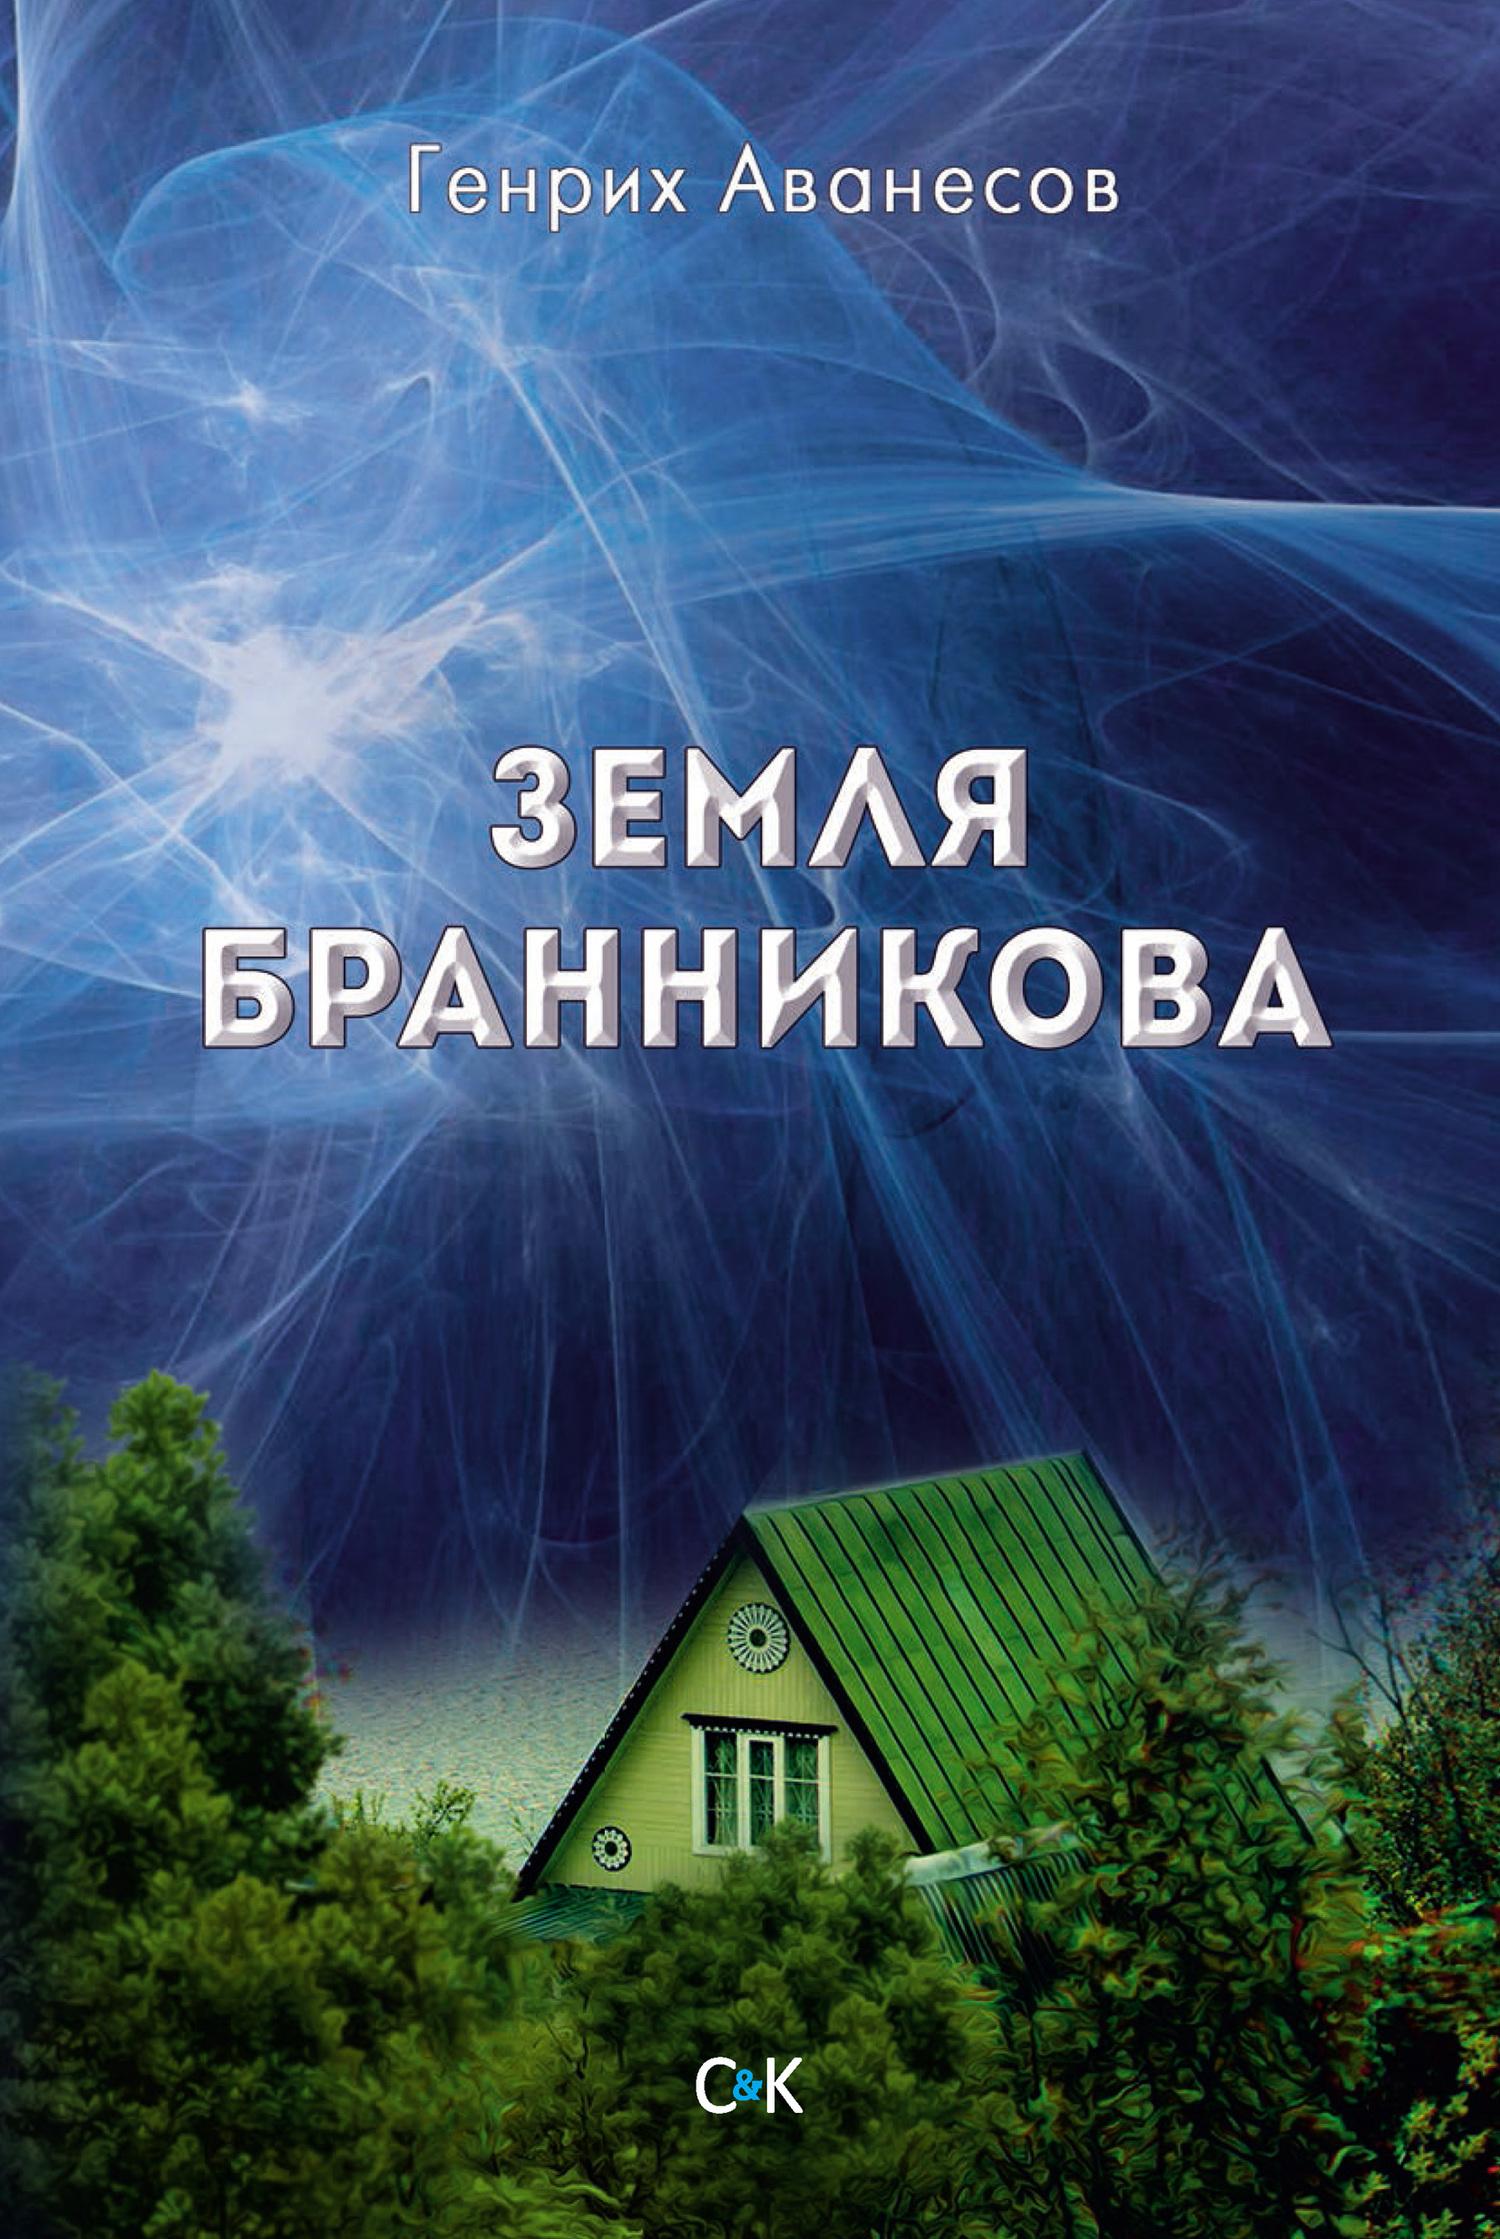 Генрих Аванесов - Земля Бранникова